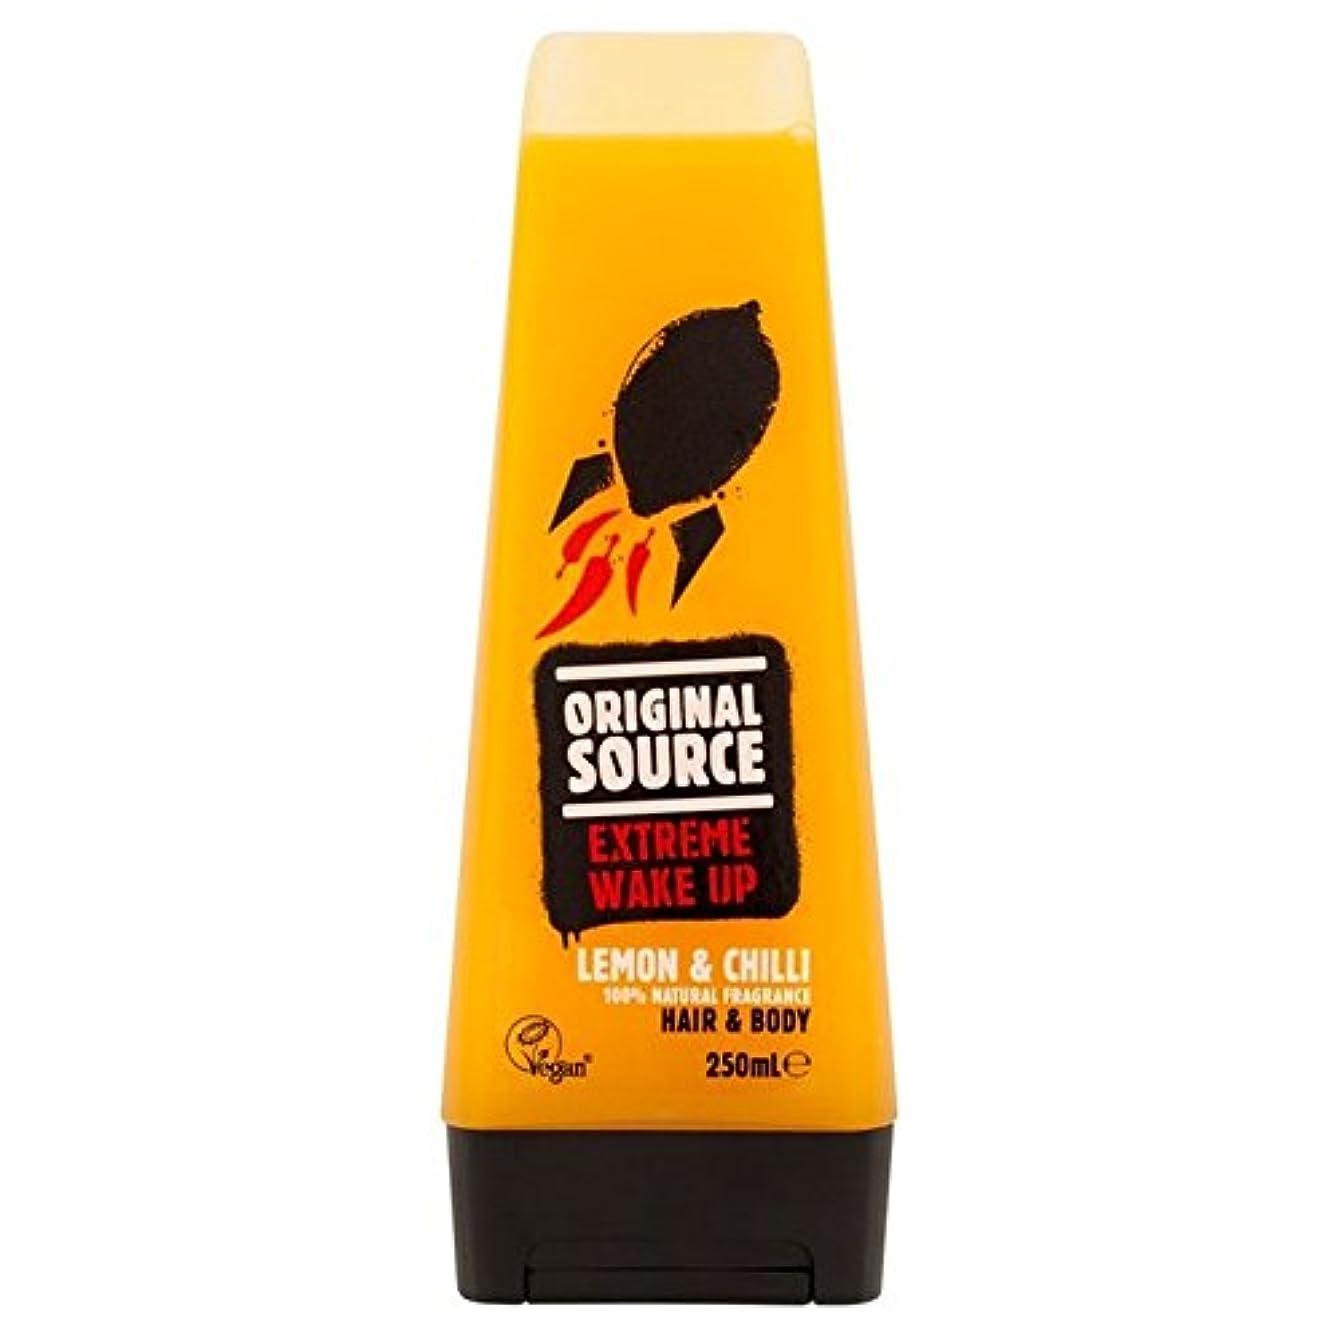 封筒泥定刻元のソースは、レモン&チリヘア&ボディシャワージェル250ミリリットルメンズ x4 - Original Source Mens Lemon & Chilli Hair & Body Shower Gel 250ml (...